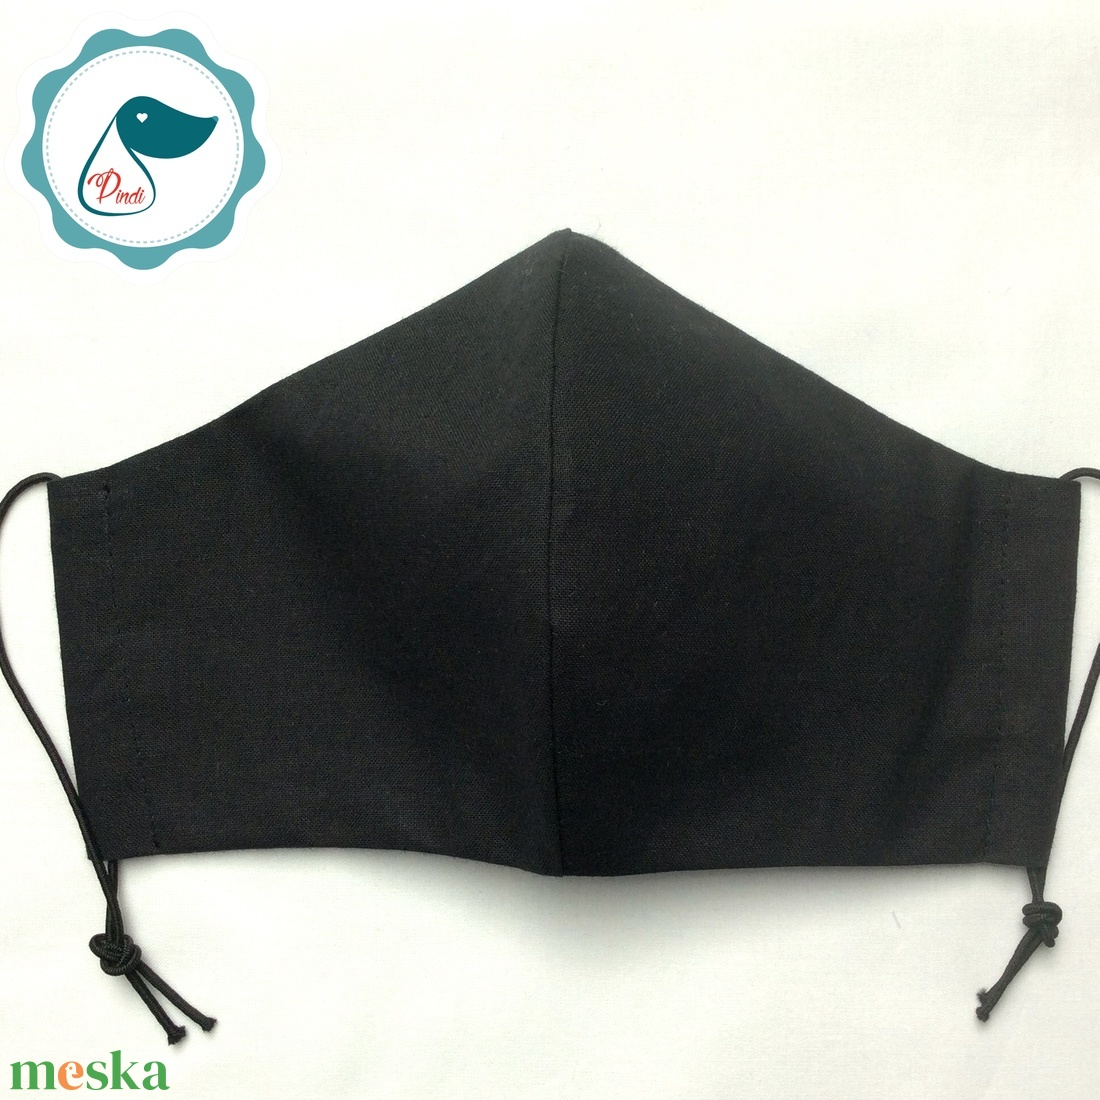 Egyedi fekete arcmaszk -  felnőtt női és teenager maszk - textil szájmaszk - egészségügyi szájmaszk - maszk, arcmaszk - férfi & uniszex - Meska.hu